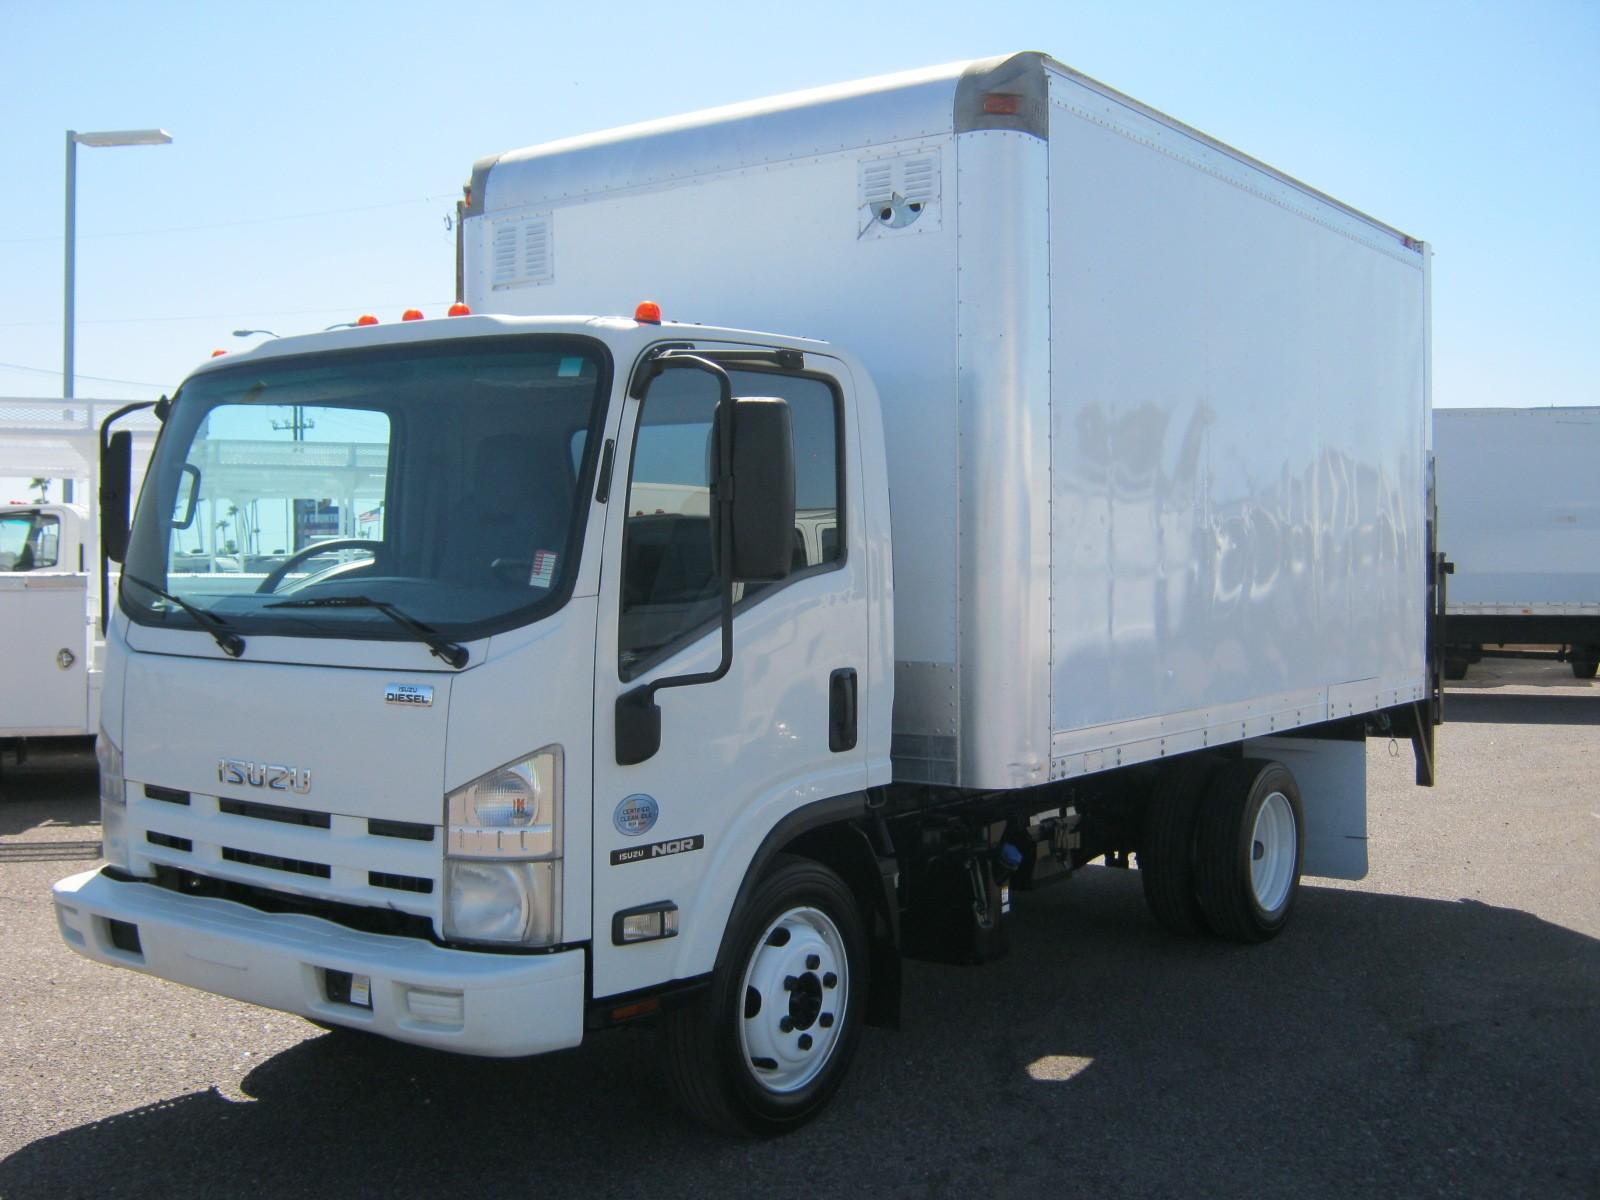 Arizona Commercial Truck Sales LLC: Truck Sales, Truck